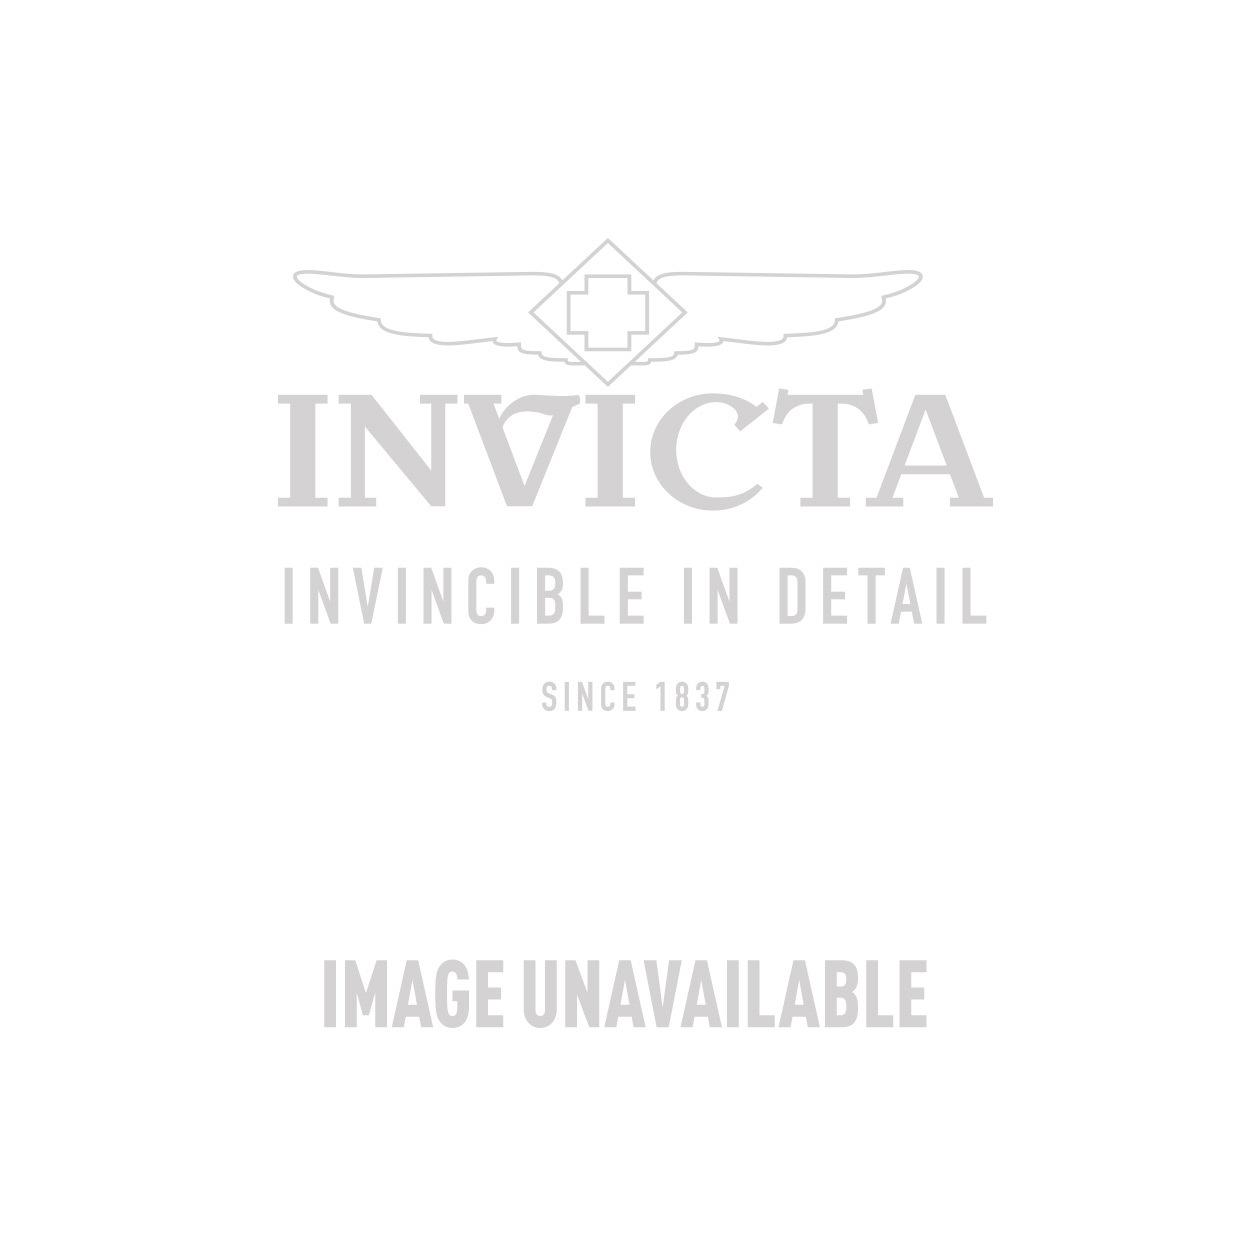 Invicta Model 25336